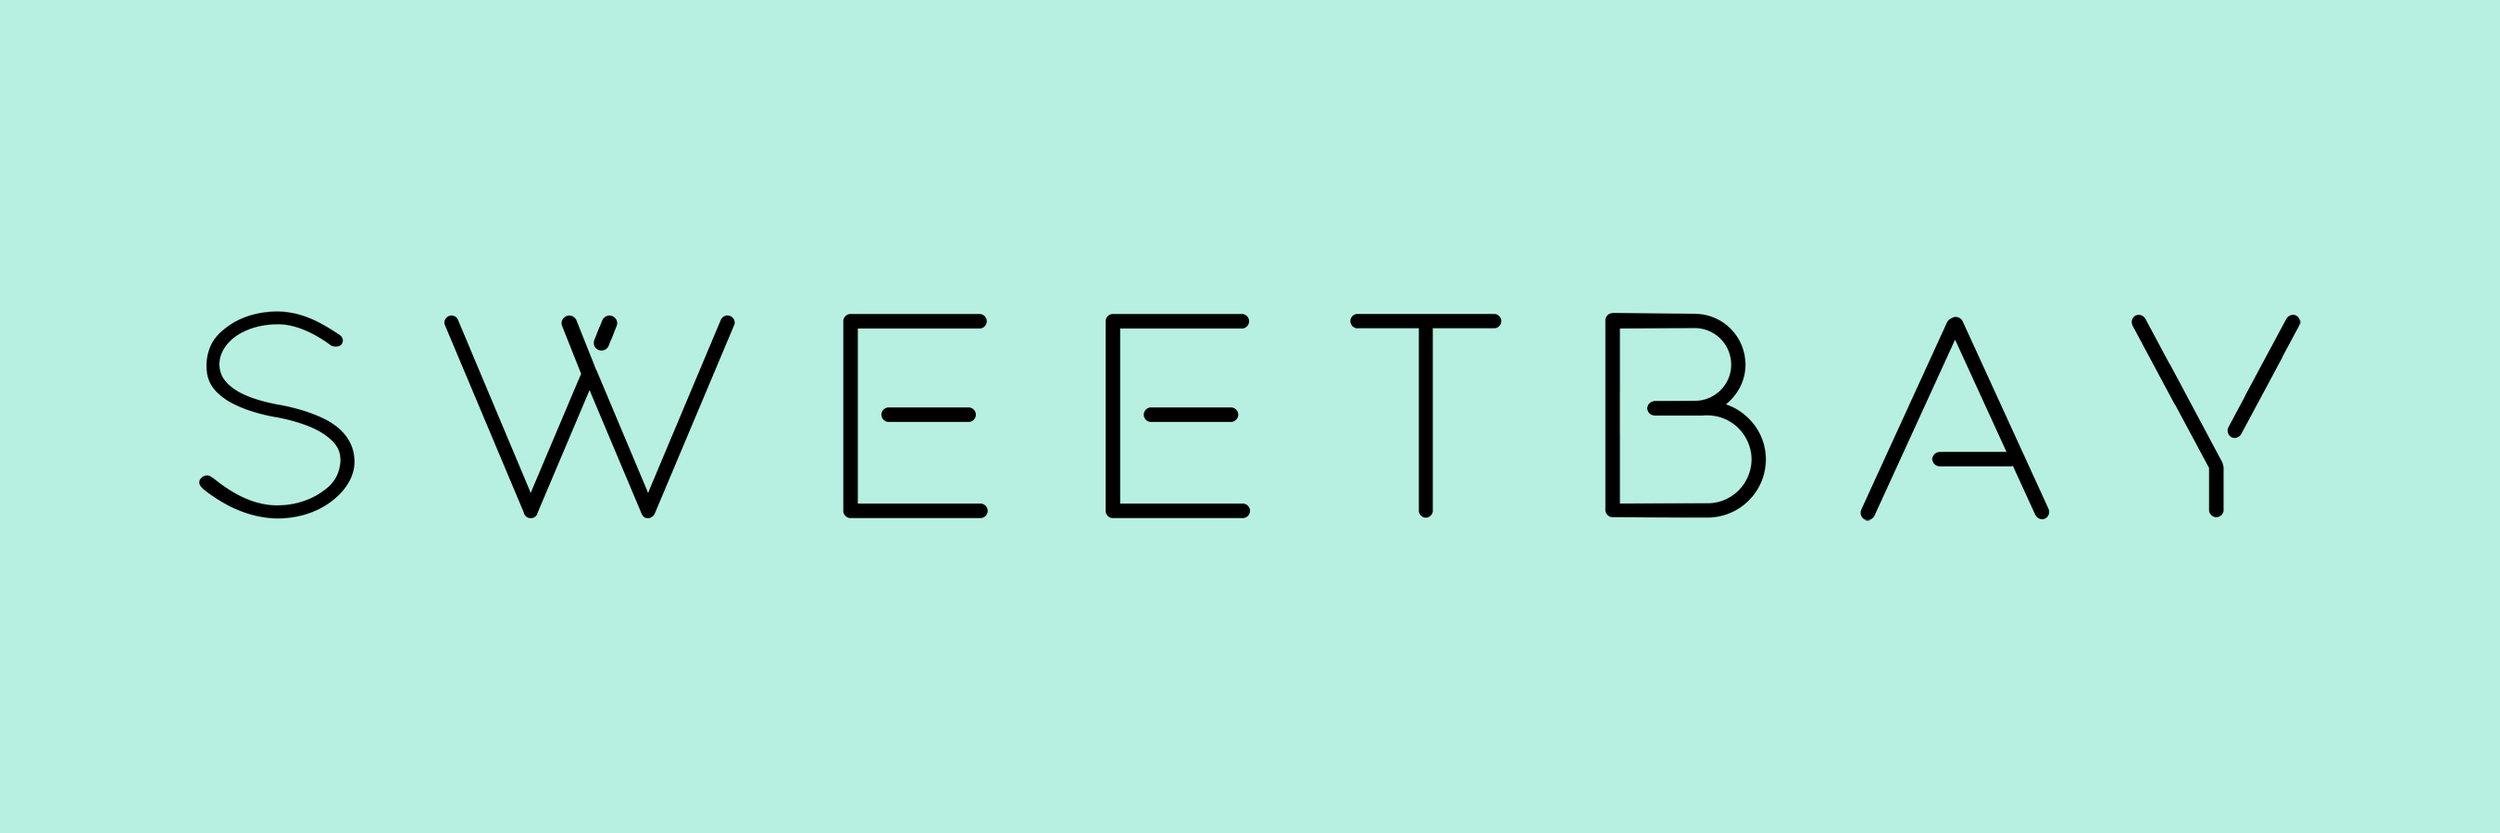 Sweetbay_logo_black.jpg